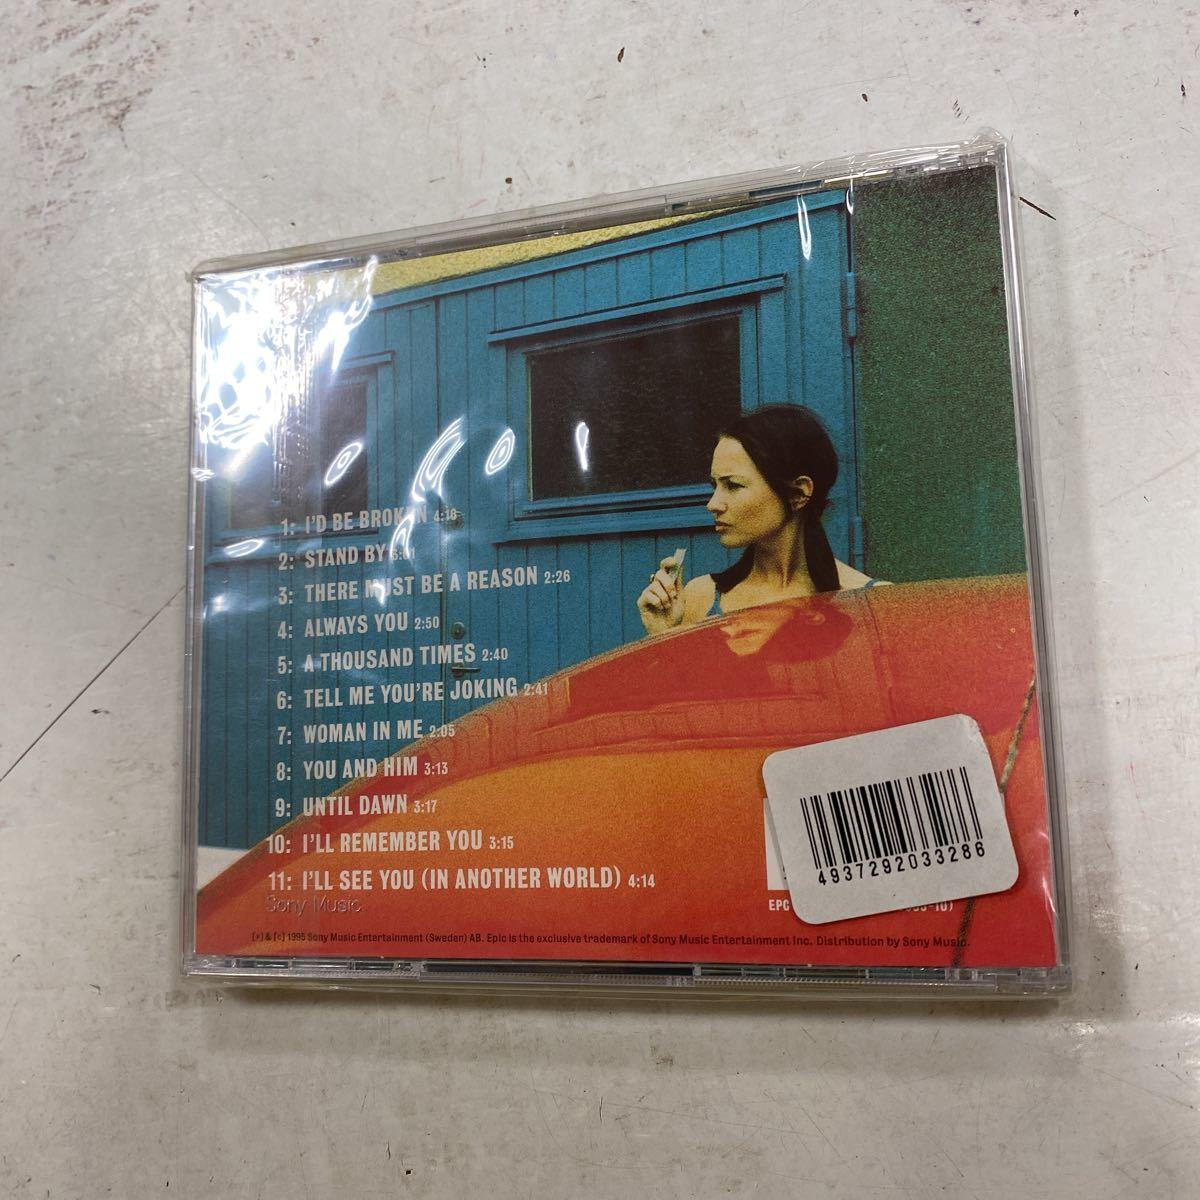 未開封新品 デッドストック 倉庫保管品 CD 輸入盤 SOPHIE ZELMANI EPC-4809552 ソフィー・セルマーニ_画像6